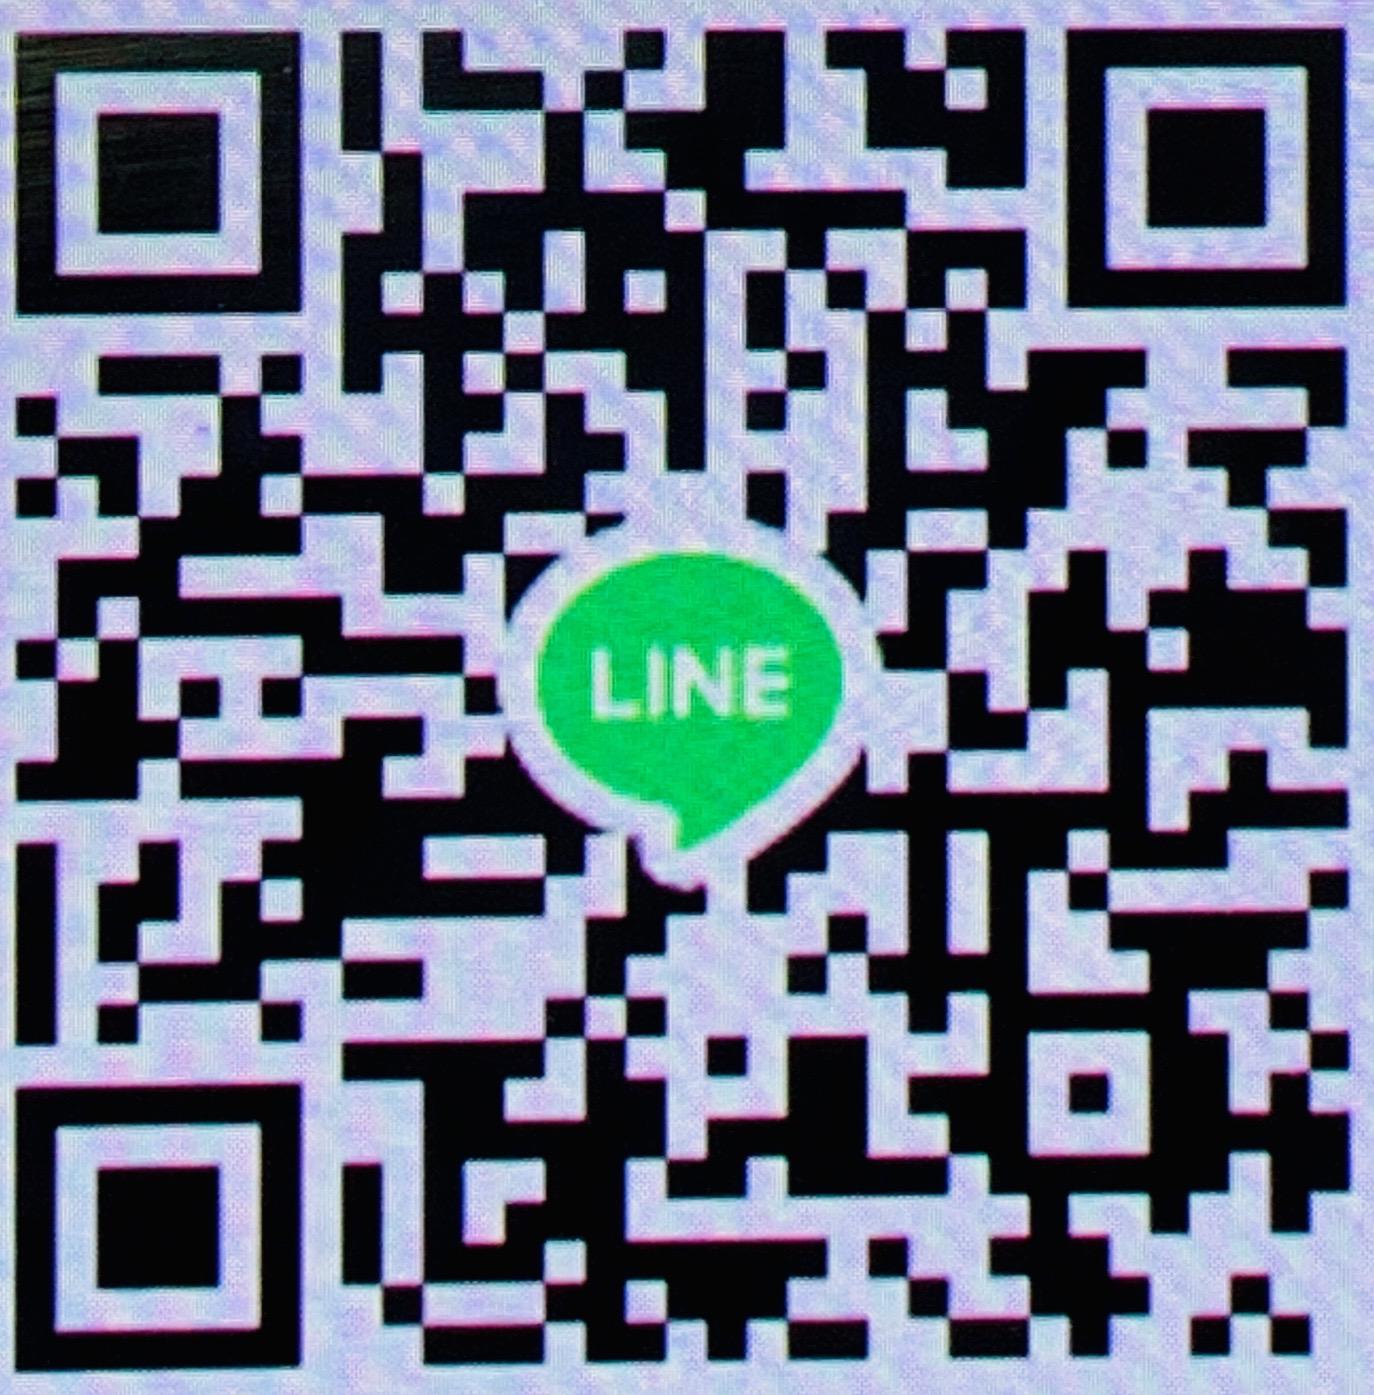 Line id : 056754455